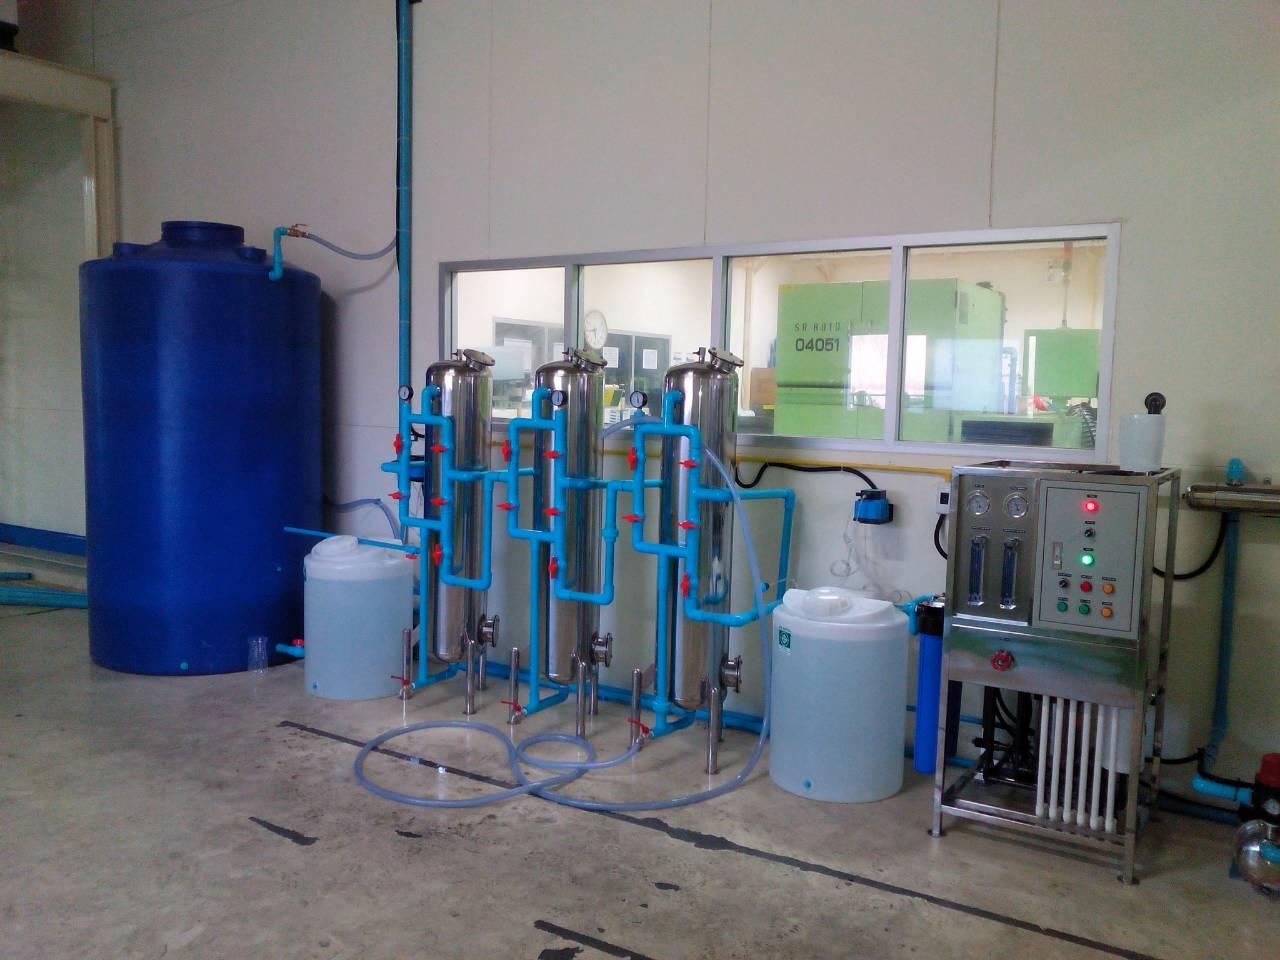 รับติดตั้งโรงงานน้ำดื่ม R.O 6,000 ลิตรต่อวัน พร้อมอุปกรณ์การติดตั้ง